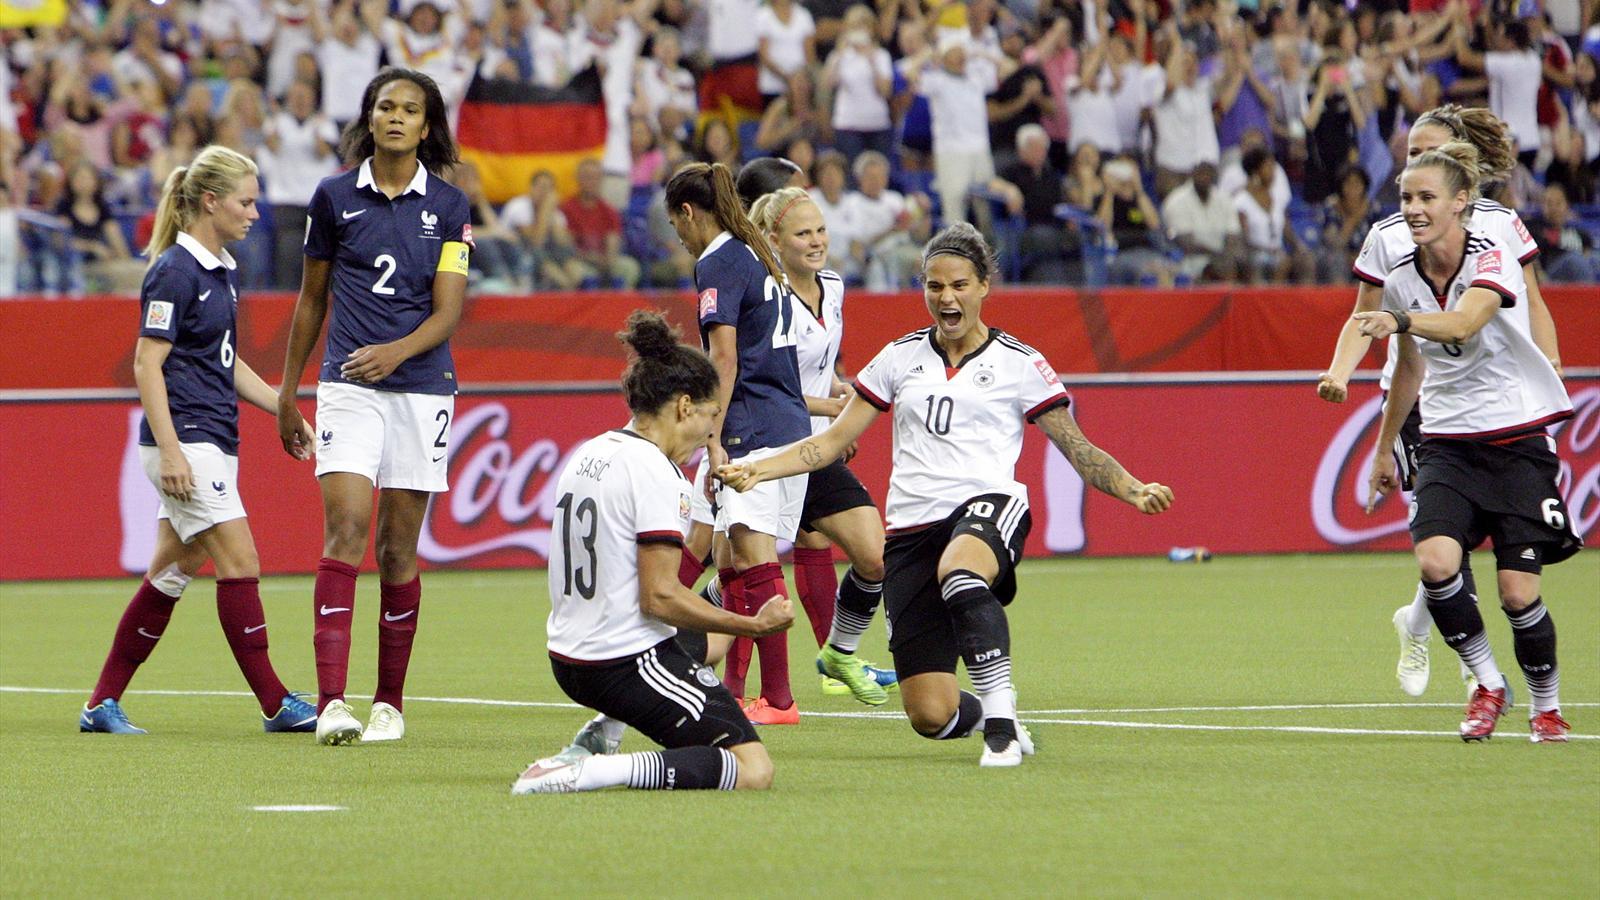 Live allemagne france quart de finale coupe du monde - Quart de finale coupe du monde 2015 ...